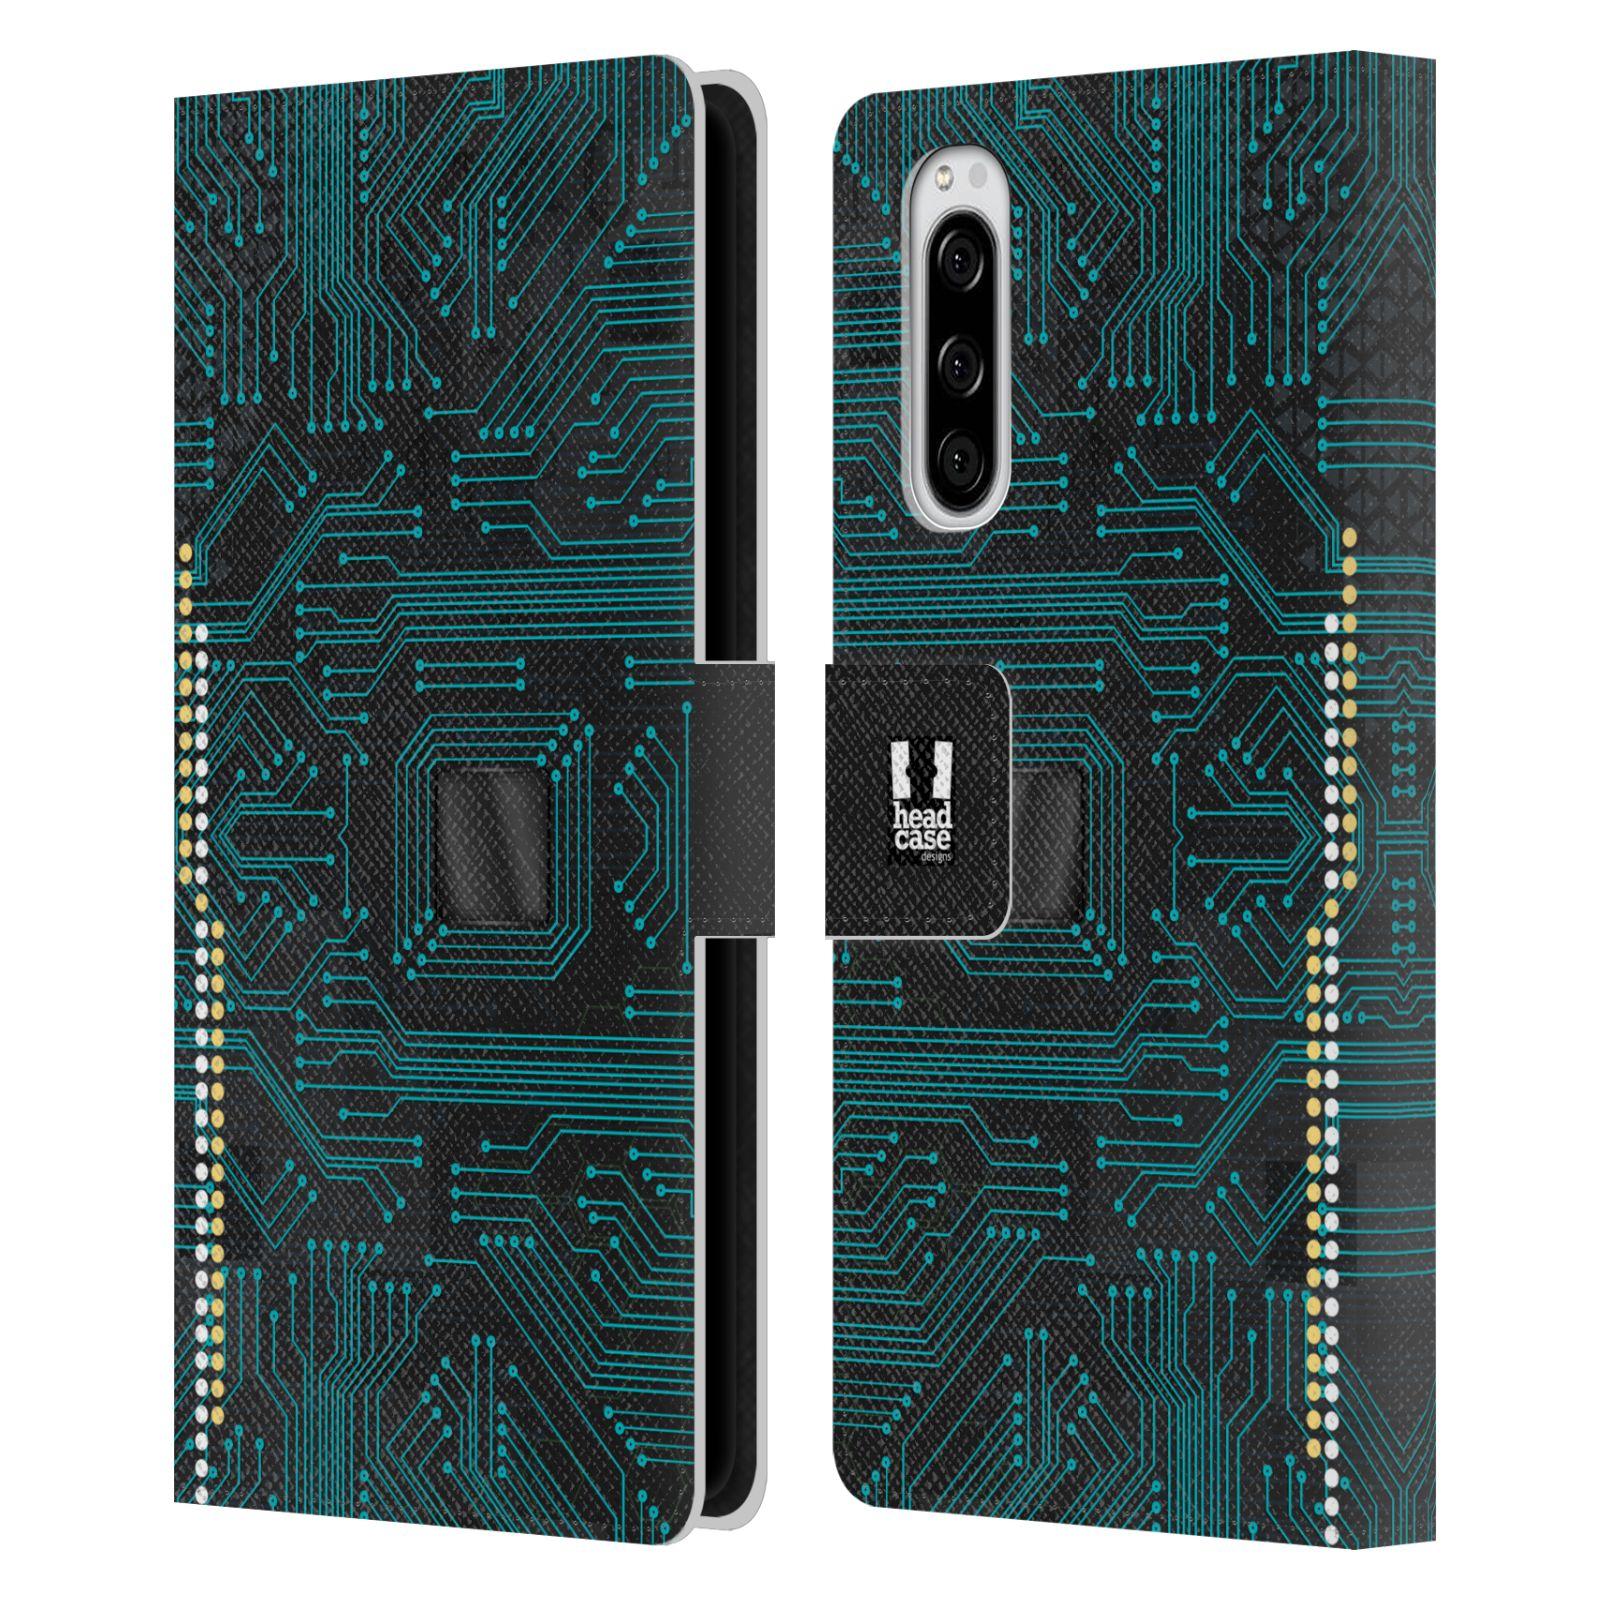 Pouzdro na mobil Sony Xperia 5 počítač základní deska modrá barva